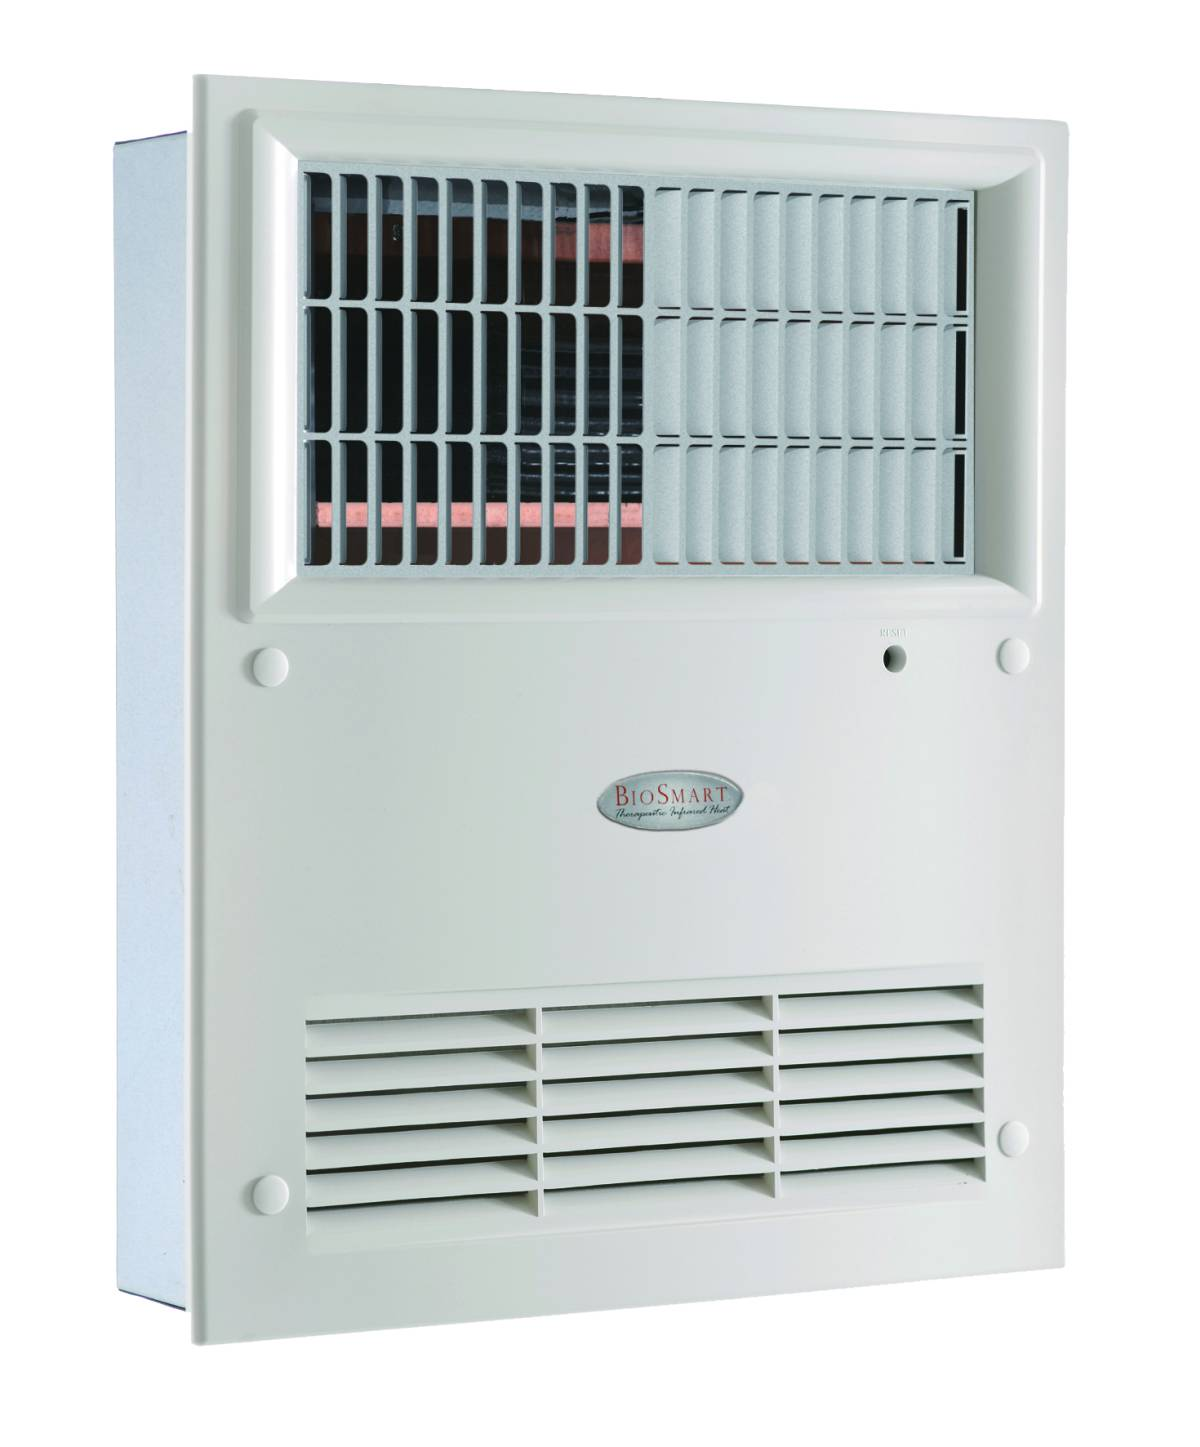 Biosmart 1000 Watt Infrared In Wall Heater